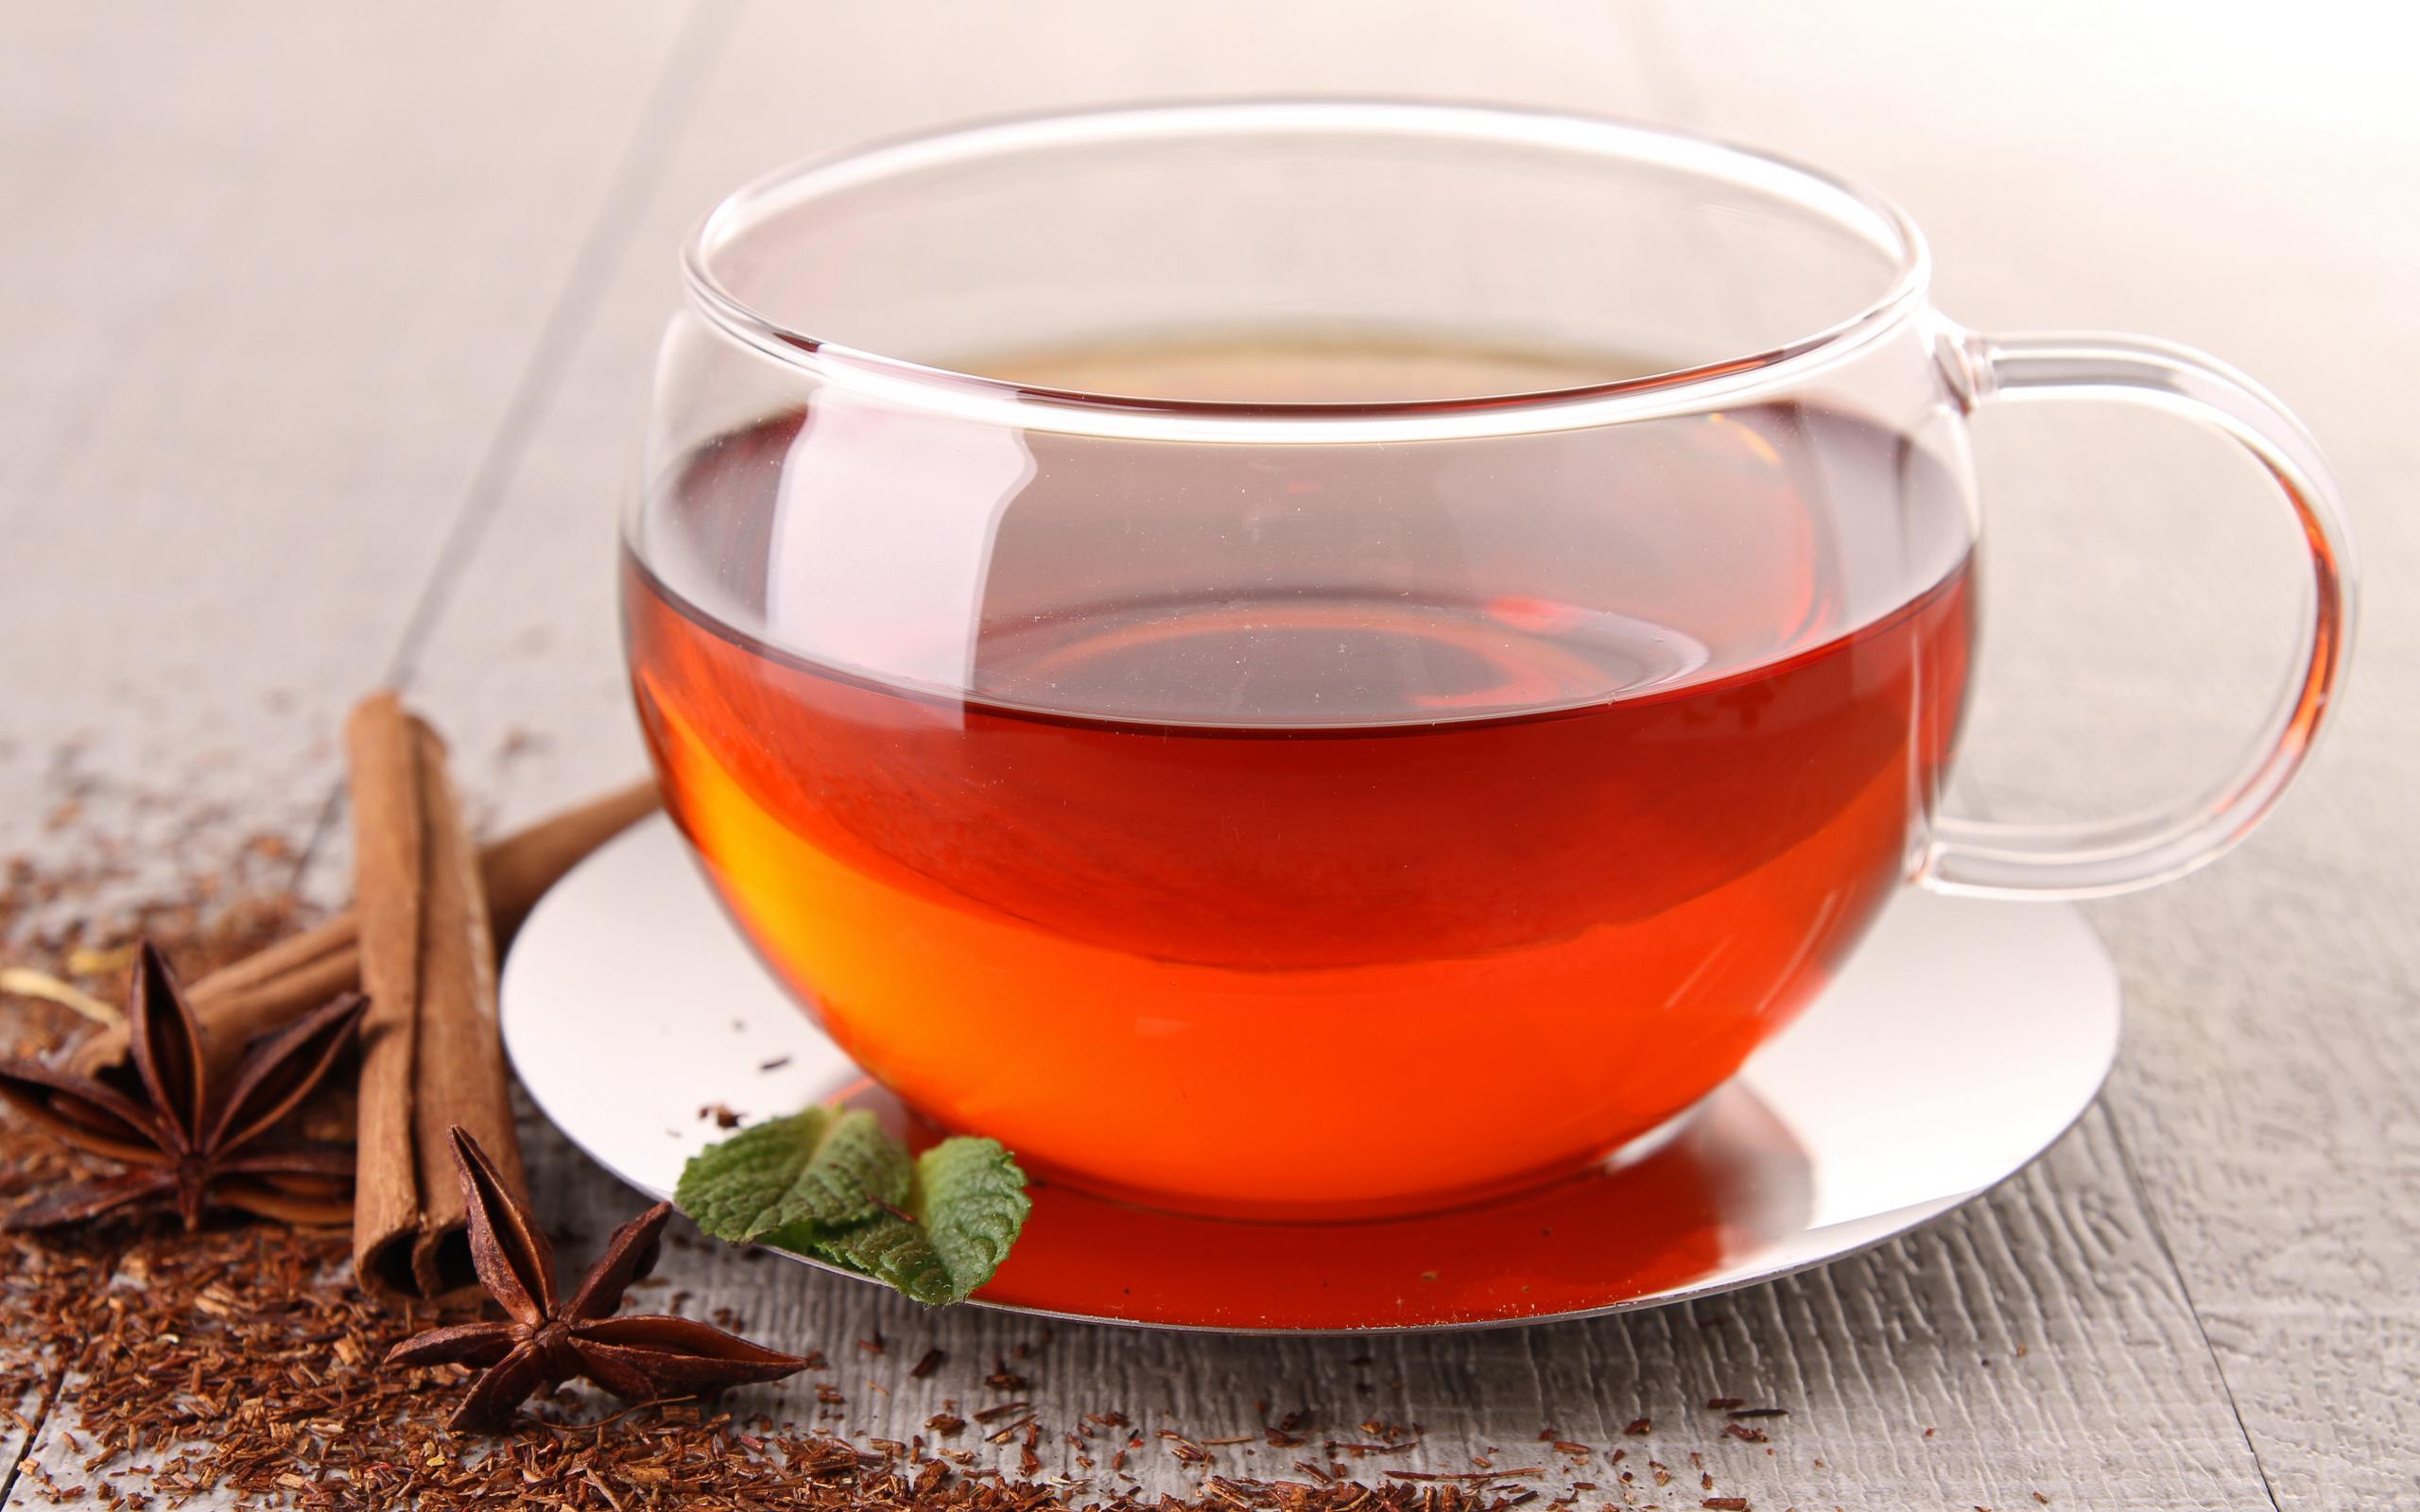 чай кружка стакан tea mug glass бесплатно